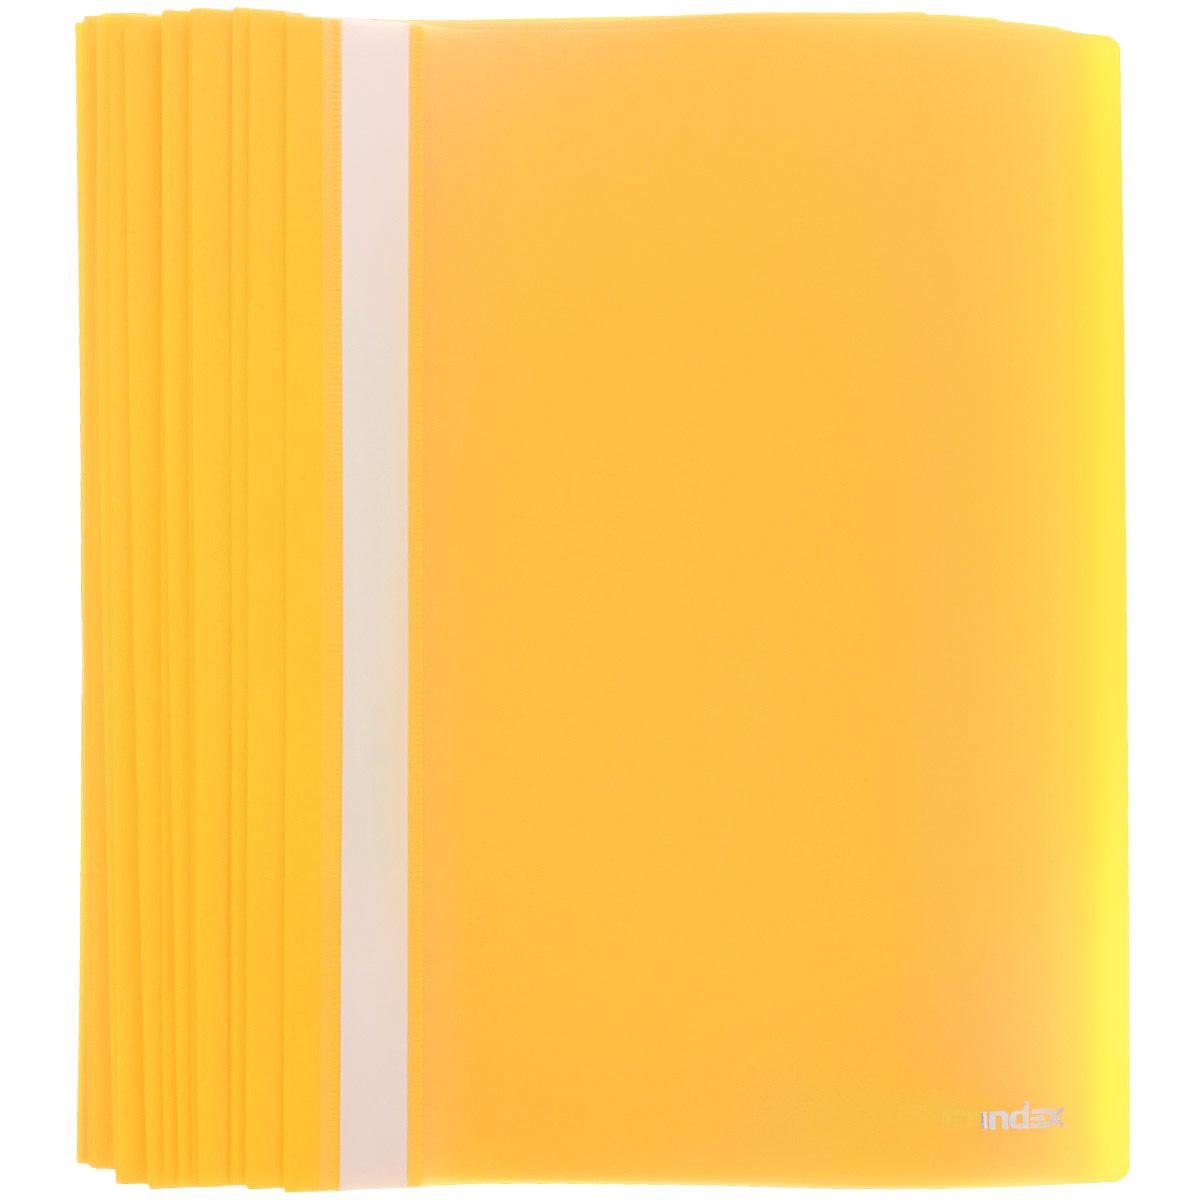 Папка-скоросшиватель Index, цвет: желтый. Формат А4, 20 штC13S041944Папка-скоросшиватель Index, изготовленная из высококачественного полипропилена, это удобный и практичный офисный инструмент, предназначенный для хранения и транспортировки рабочих бумаг и документов формата А4. Папка оснащена верхним прозрачным матовым листом и металлическим зажимом внутри для надежного удержания бумаг. В наборе - 20 папок.Папка-скоросшиватель - это незаменимый атрибут для студента, школьника, офисного работника. Такая папка надежно сохранит ваши документы и сбережет их от повреждений, пыли и влаги.Комплектация: 20 шт.